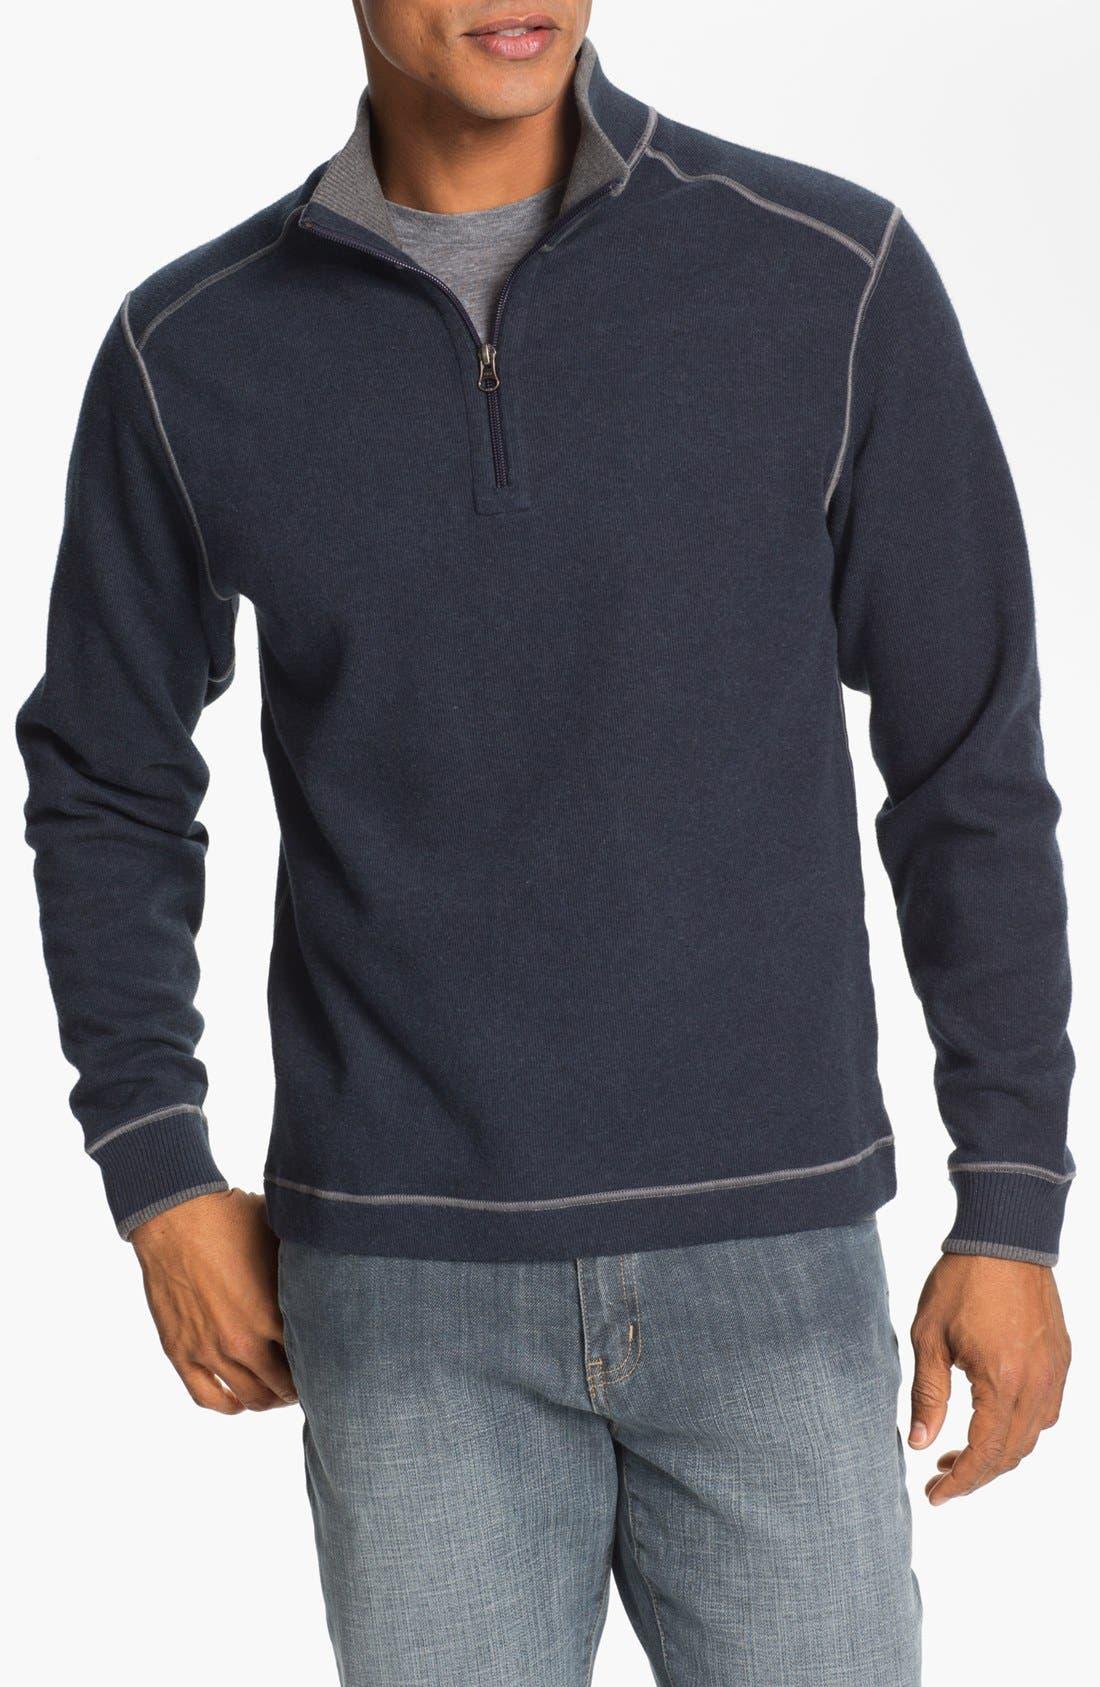 Main Image - Cutter & Buck 'Overtime' Regular Fit Half Zip Sweater (Big & Tall)